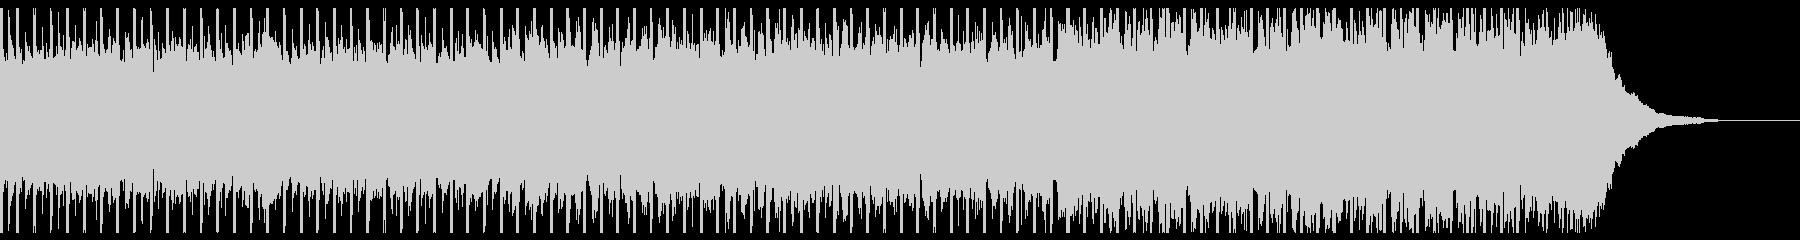 ポジティブコーポレート(60秒)の未再生の波形